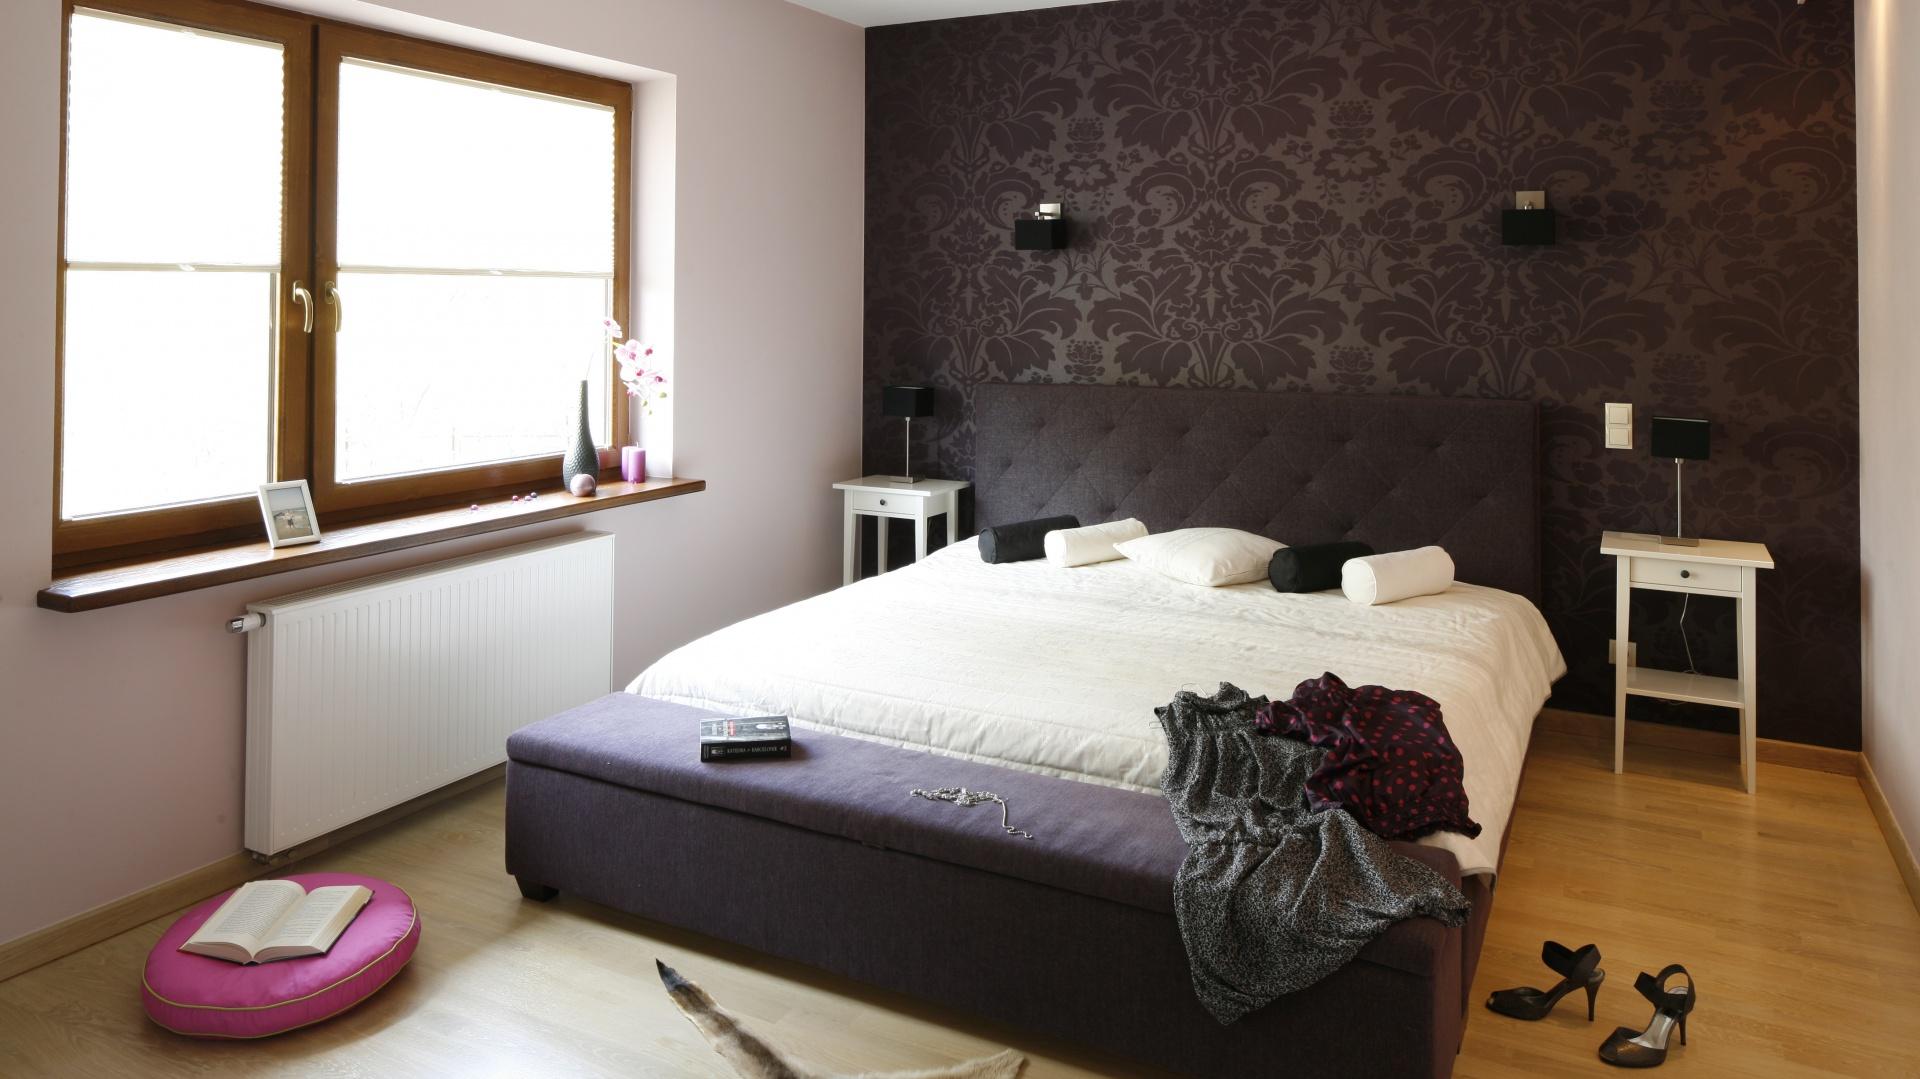 Sypialnia W Stylu Glamour Zobacz Eleganckie Wnętrze